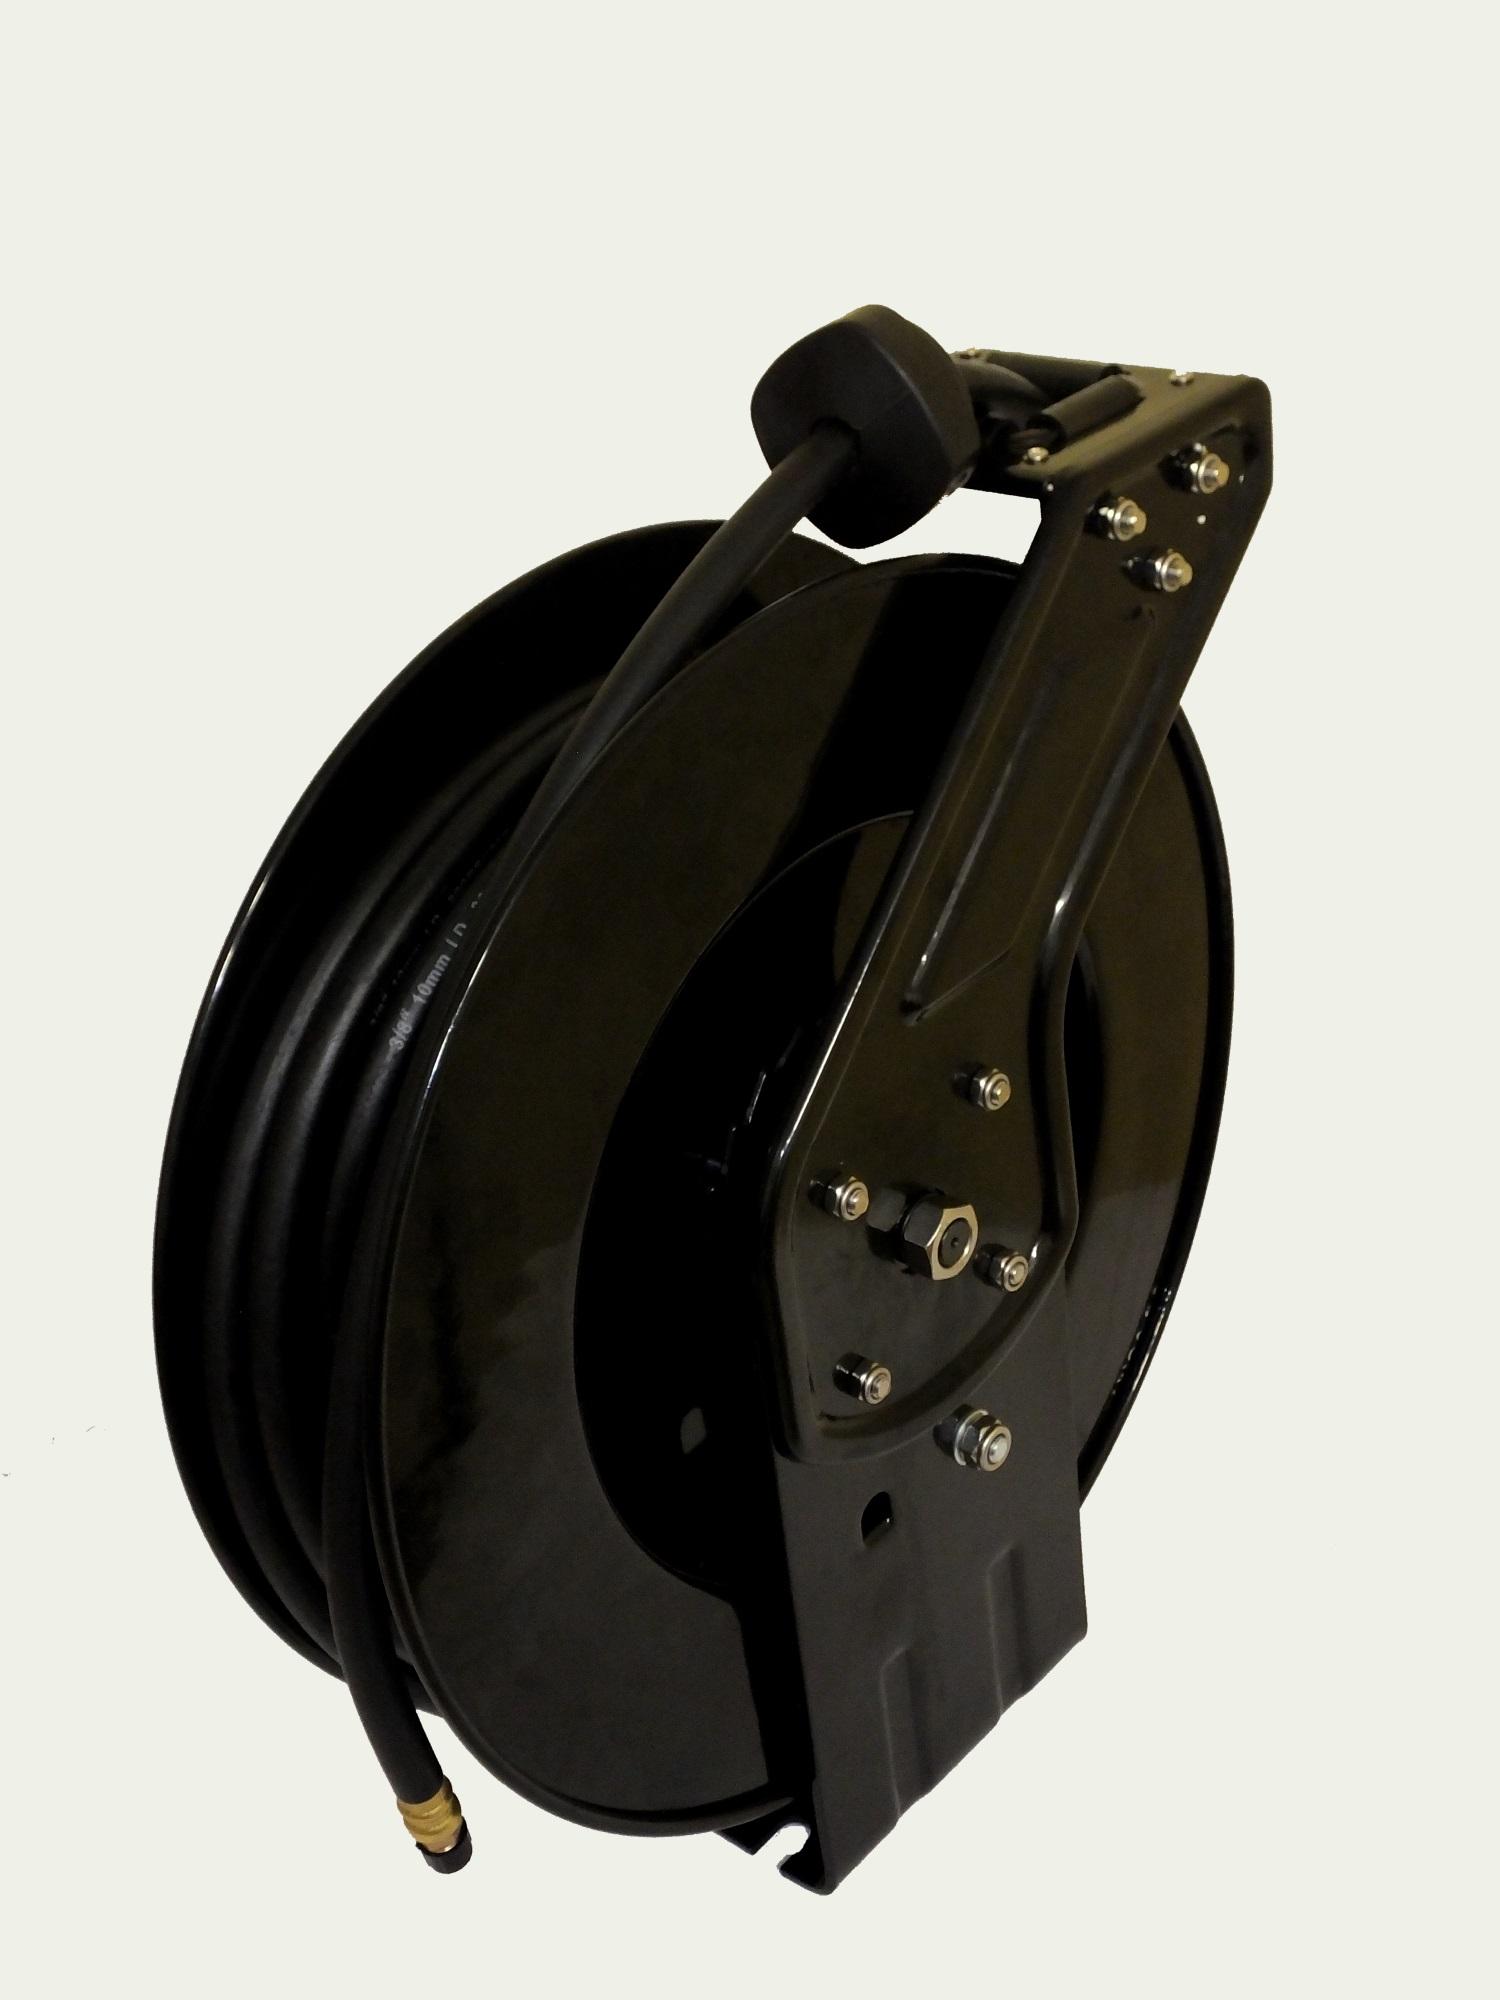 druckluftschlauch aufroller druckluft trommel schlauchaufroller automatik 15 m ebay. Black Bedroom Furniture Sets. Home Design Ideas